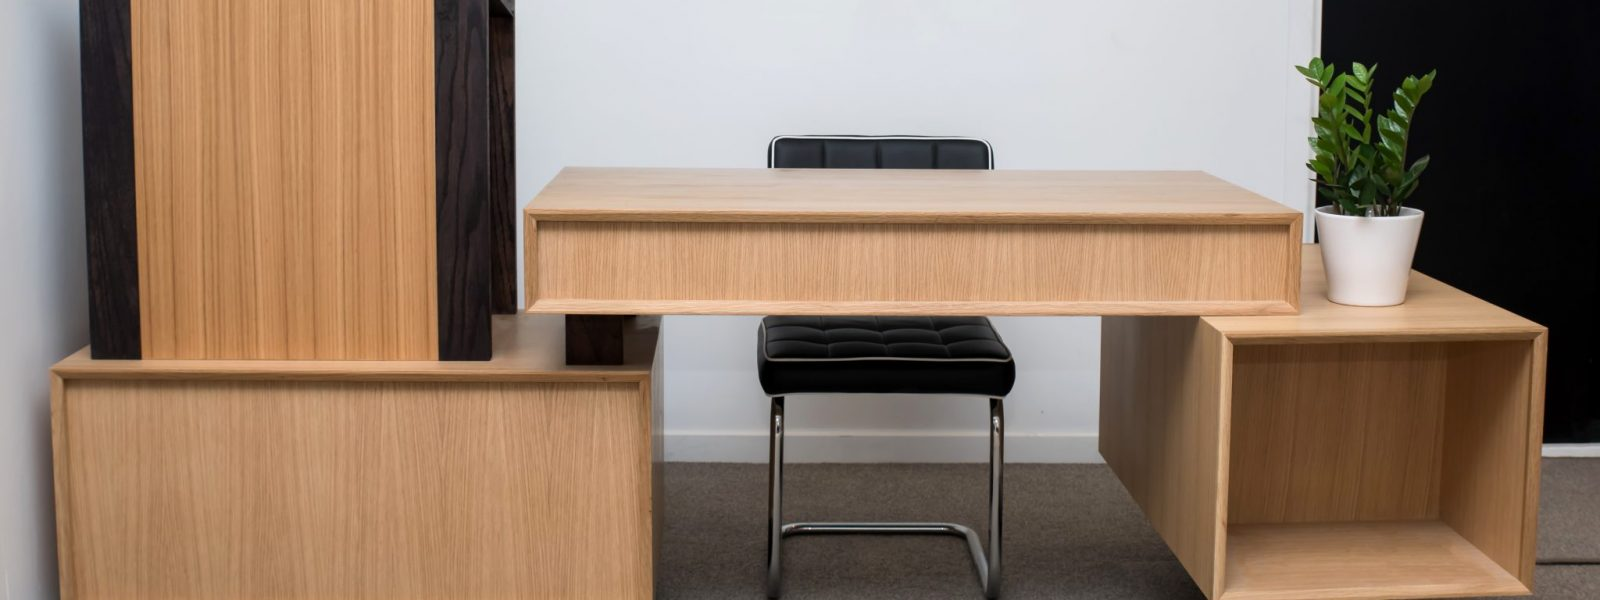 Furniture - Header Image